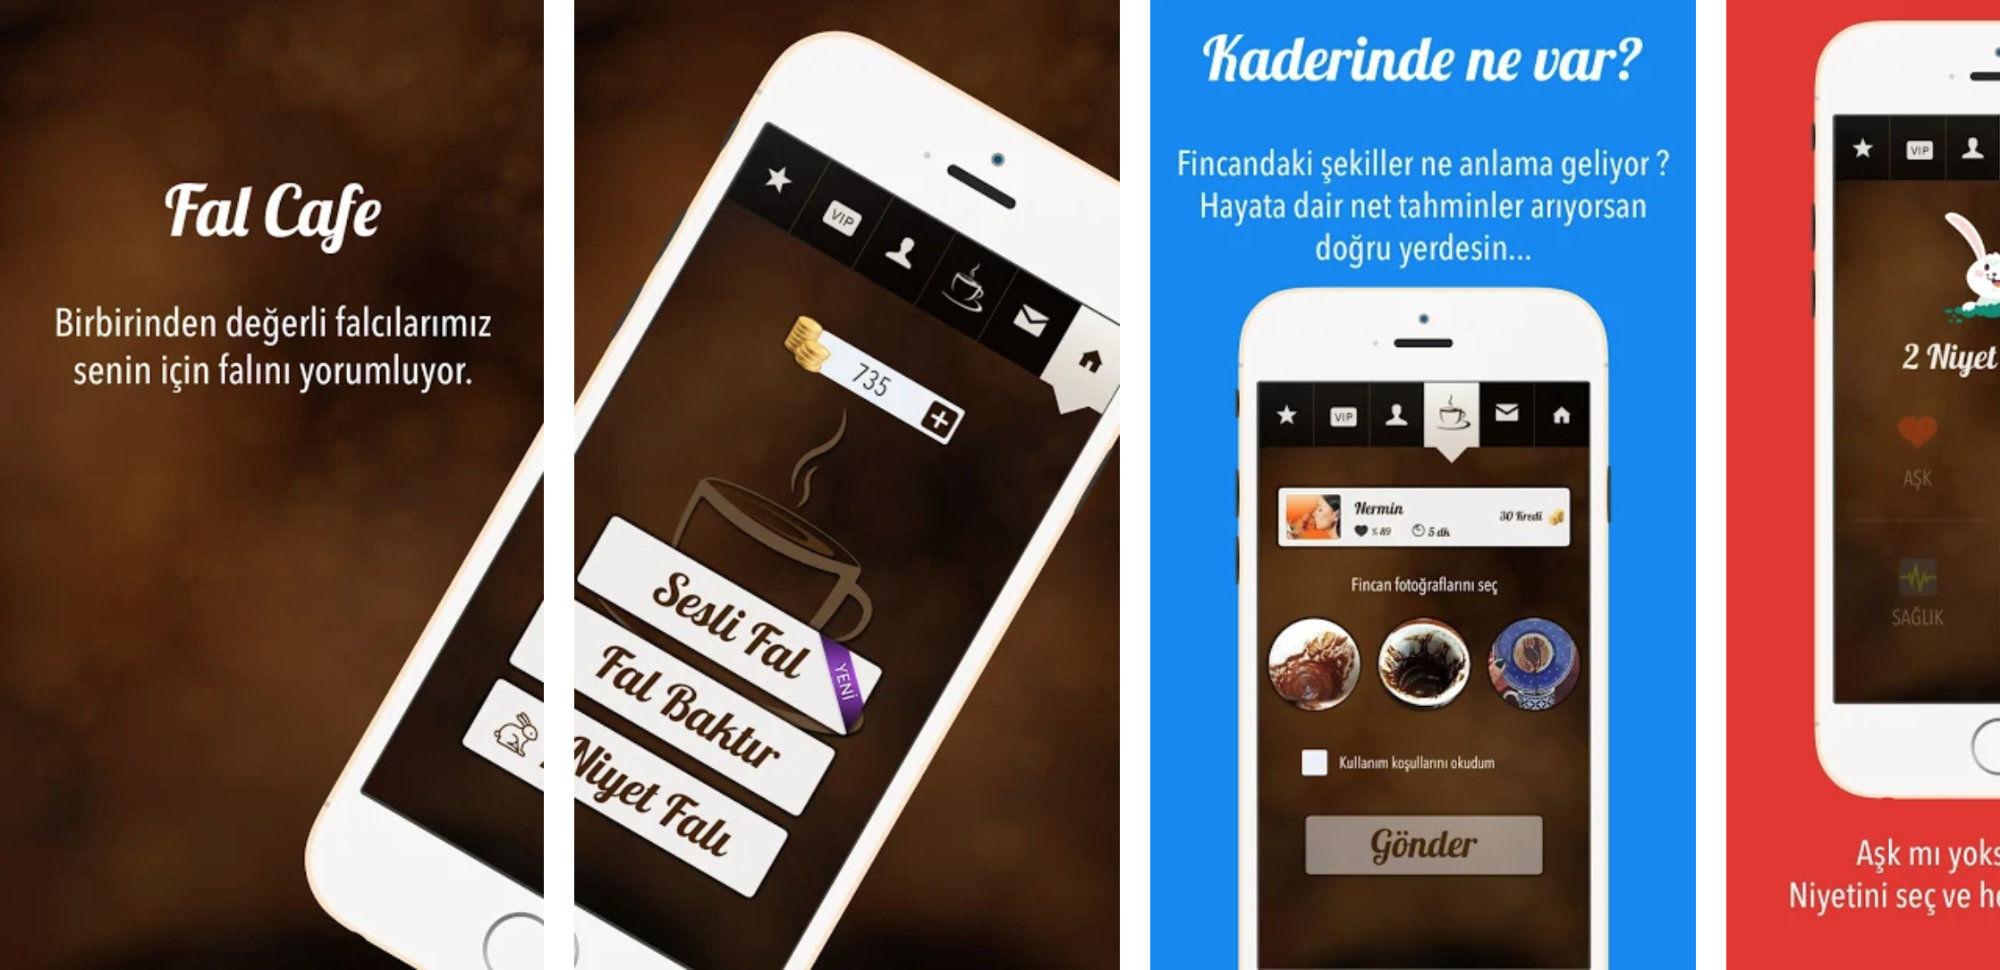 Fal Cafe mobile app